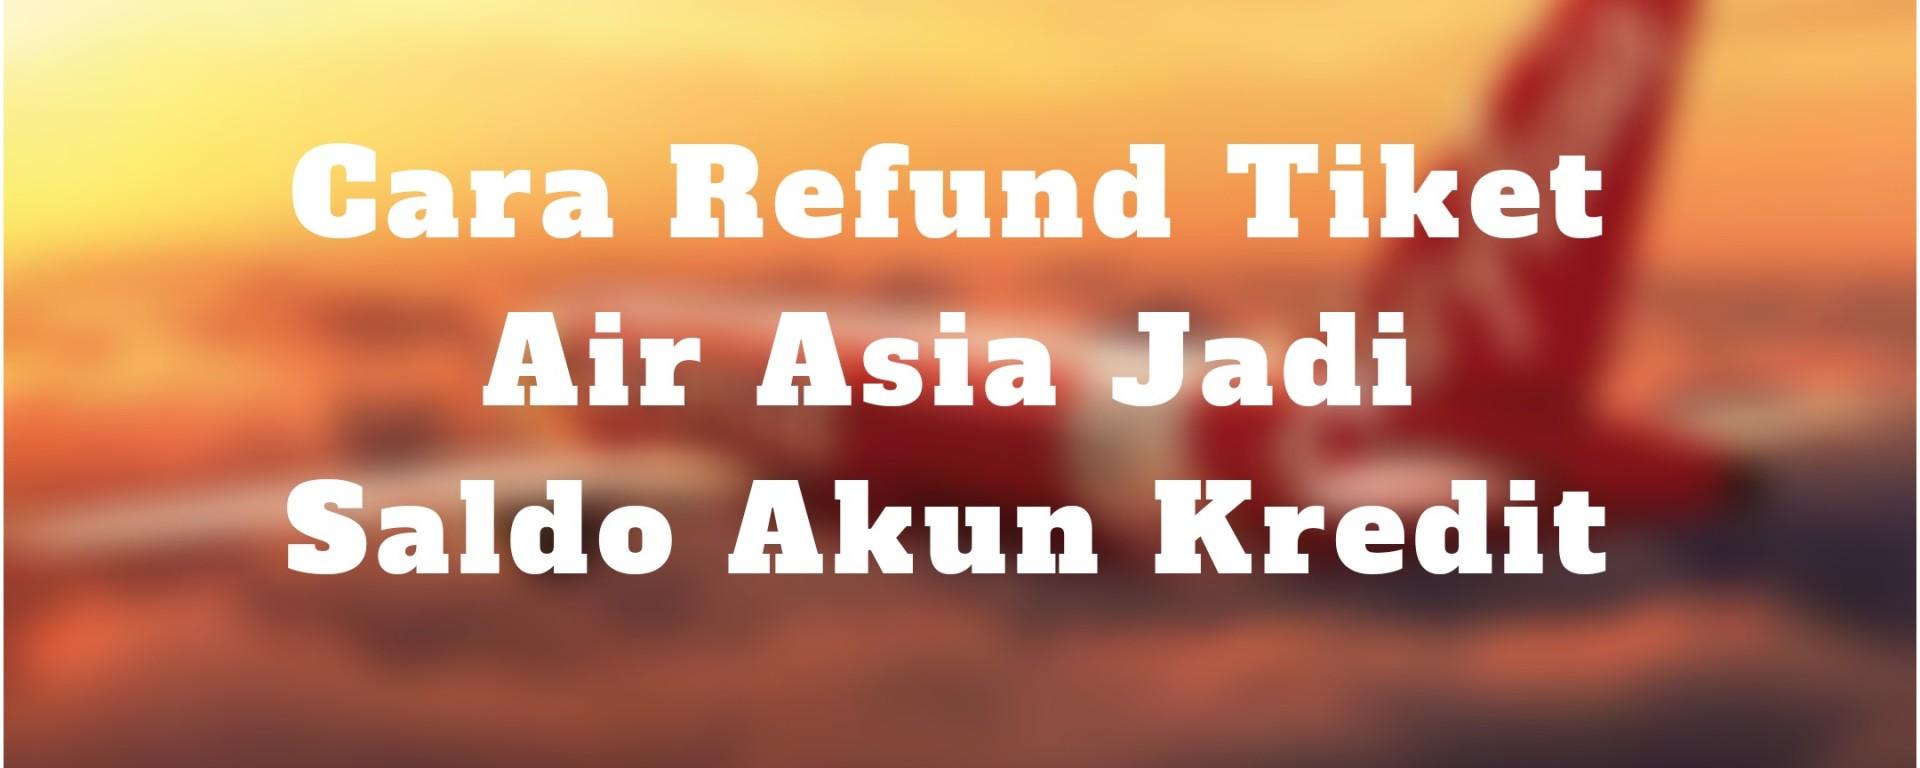 Cara Refund Tiket Air Asia Jadi Saldo Akun Kredit Heru Prasetio